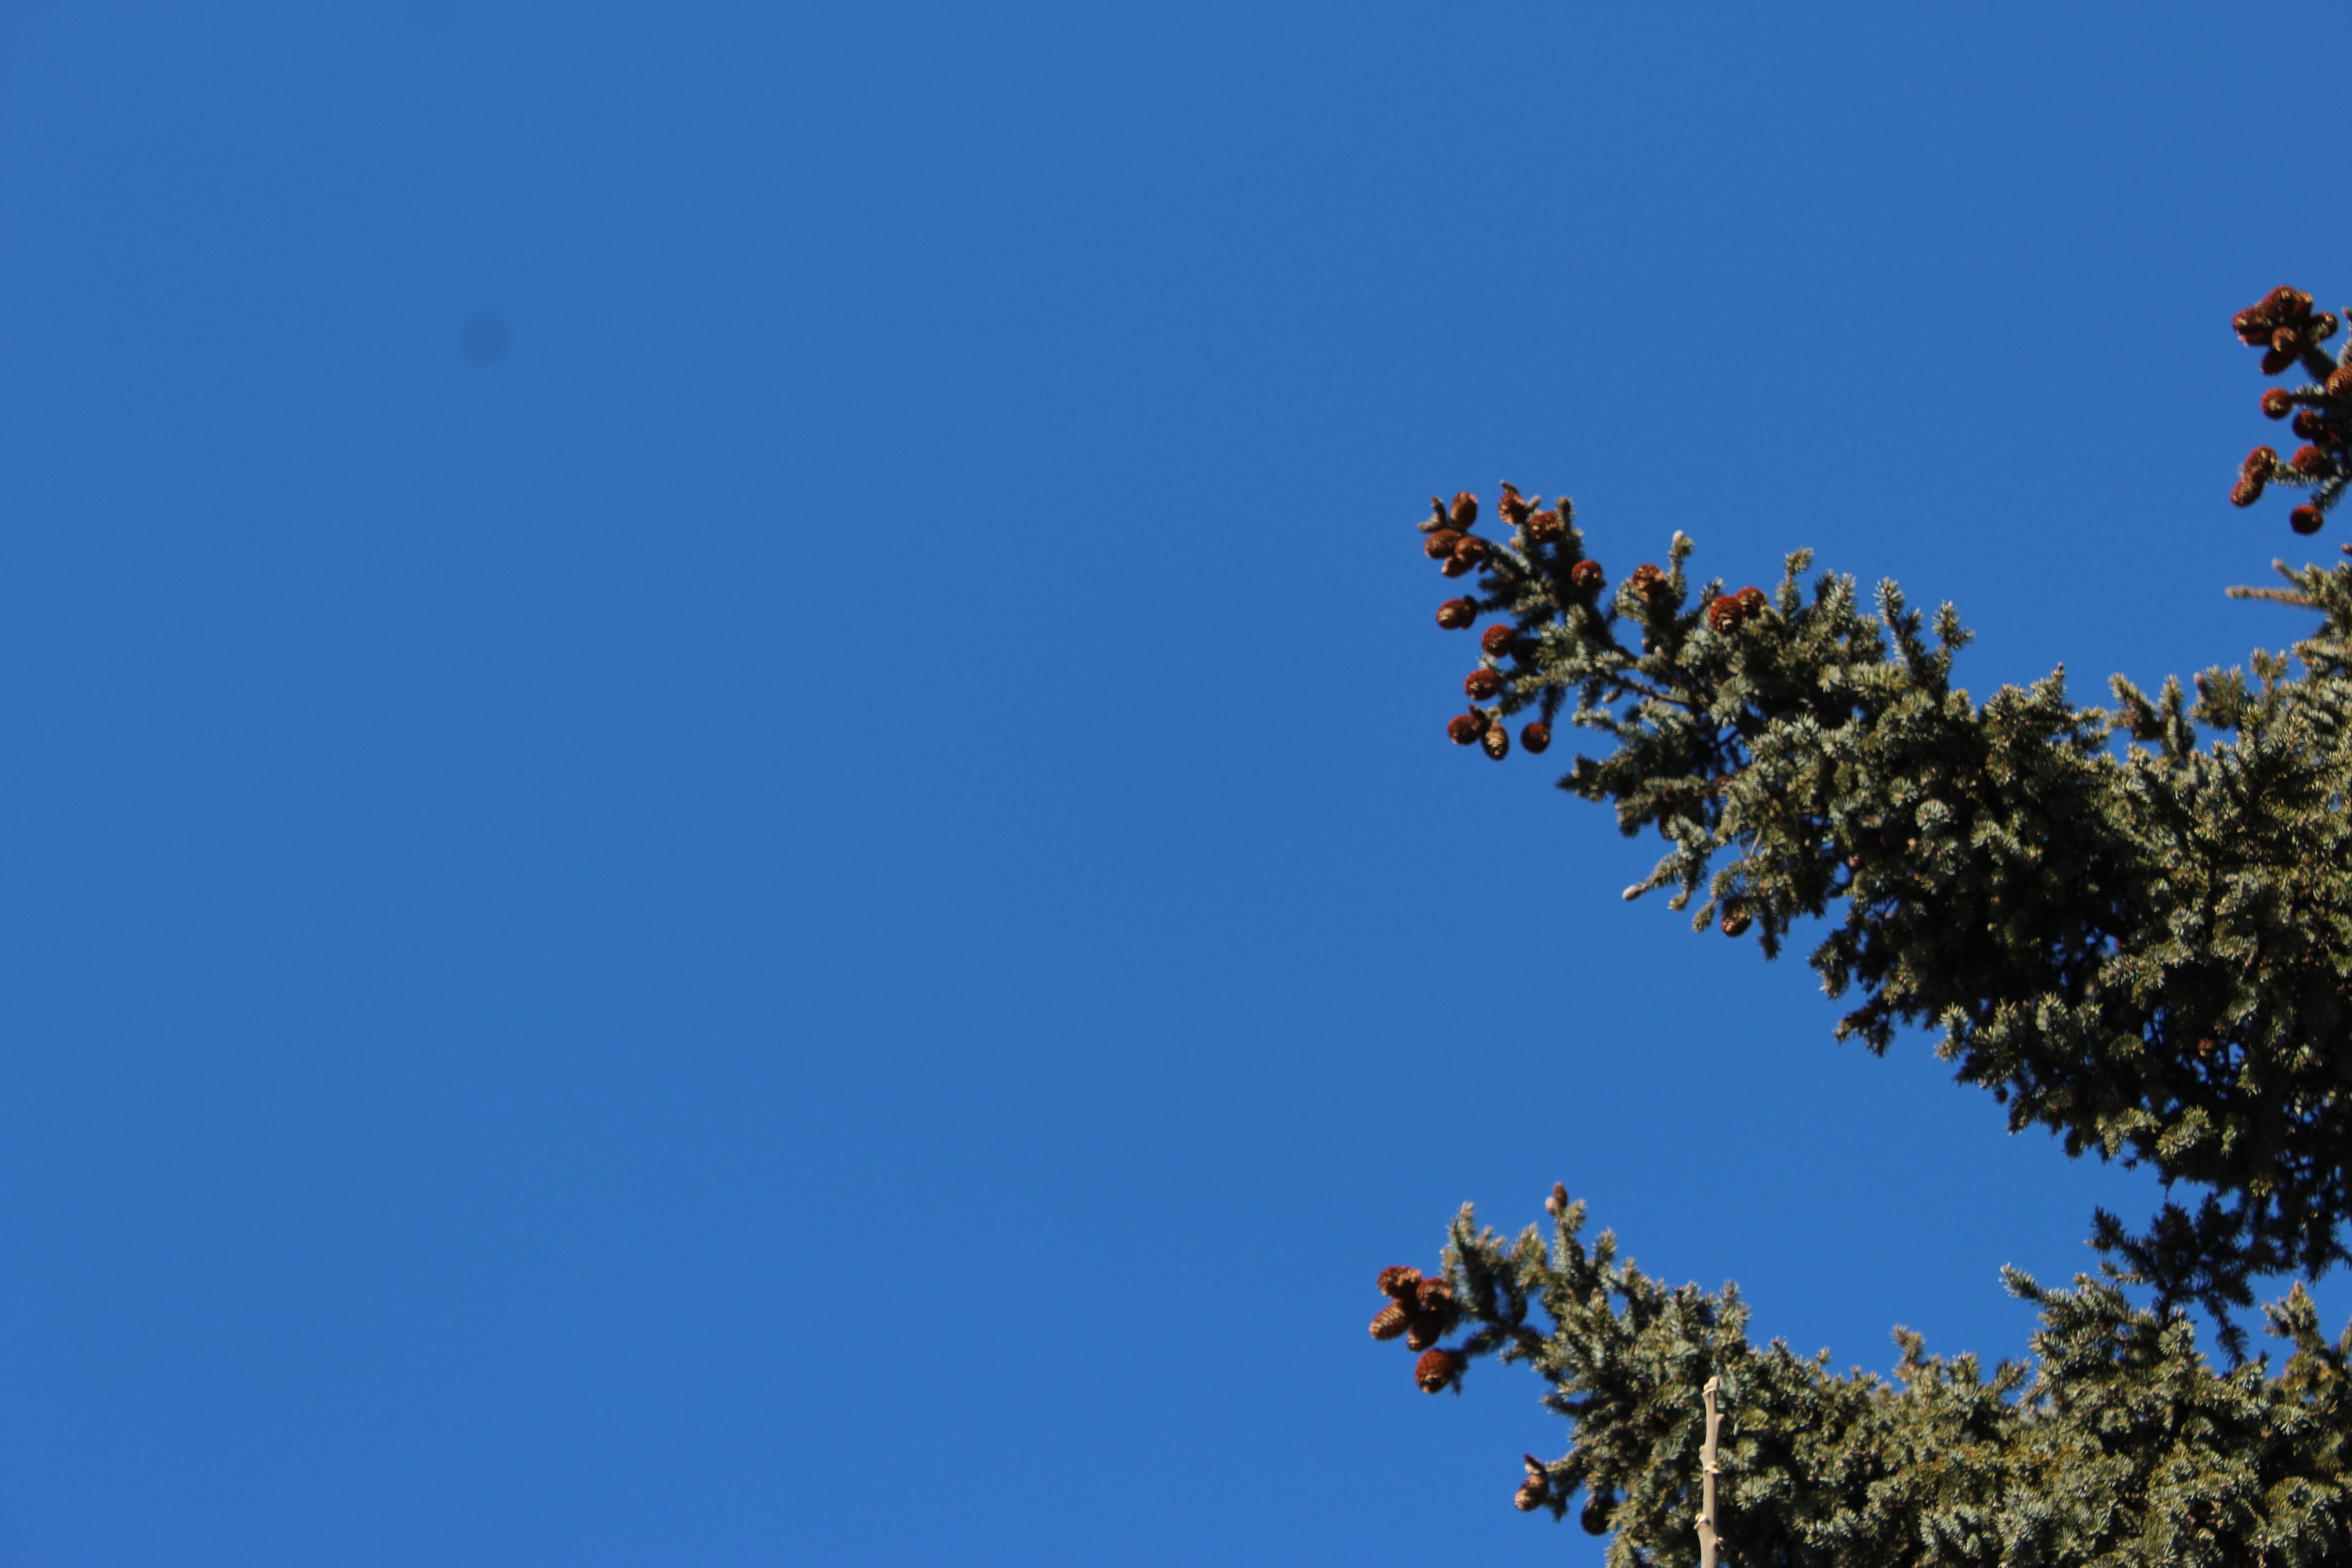 樅(もみ)の木が、たくさんの実を付けています。